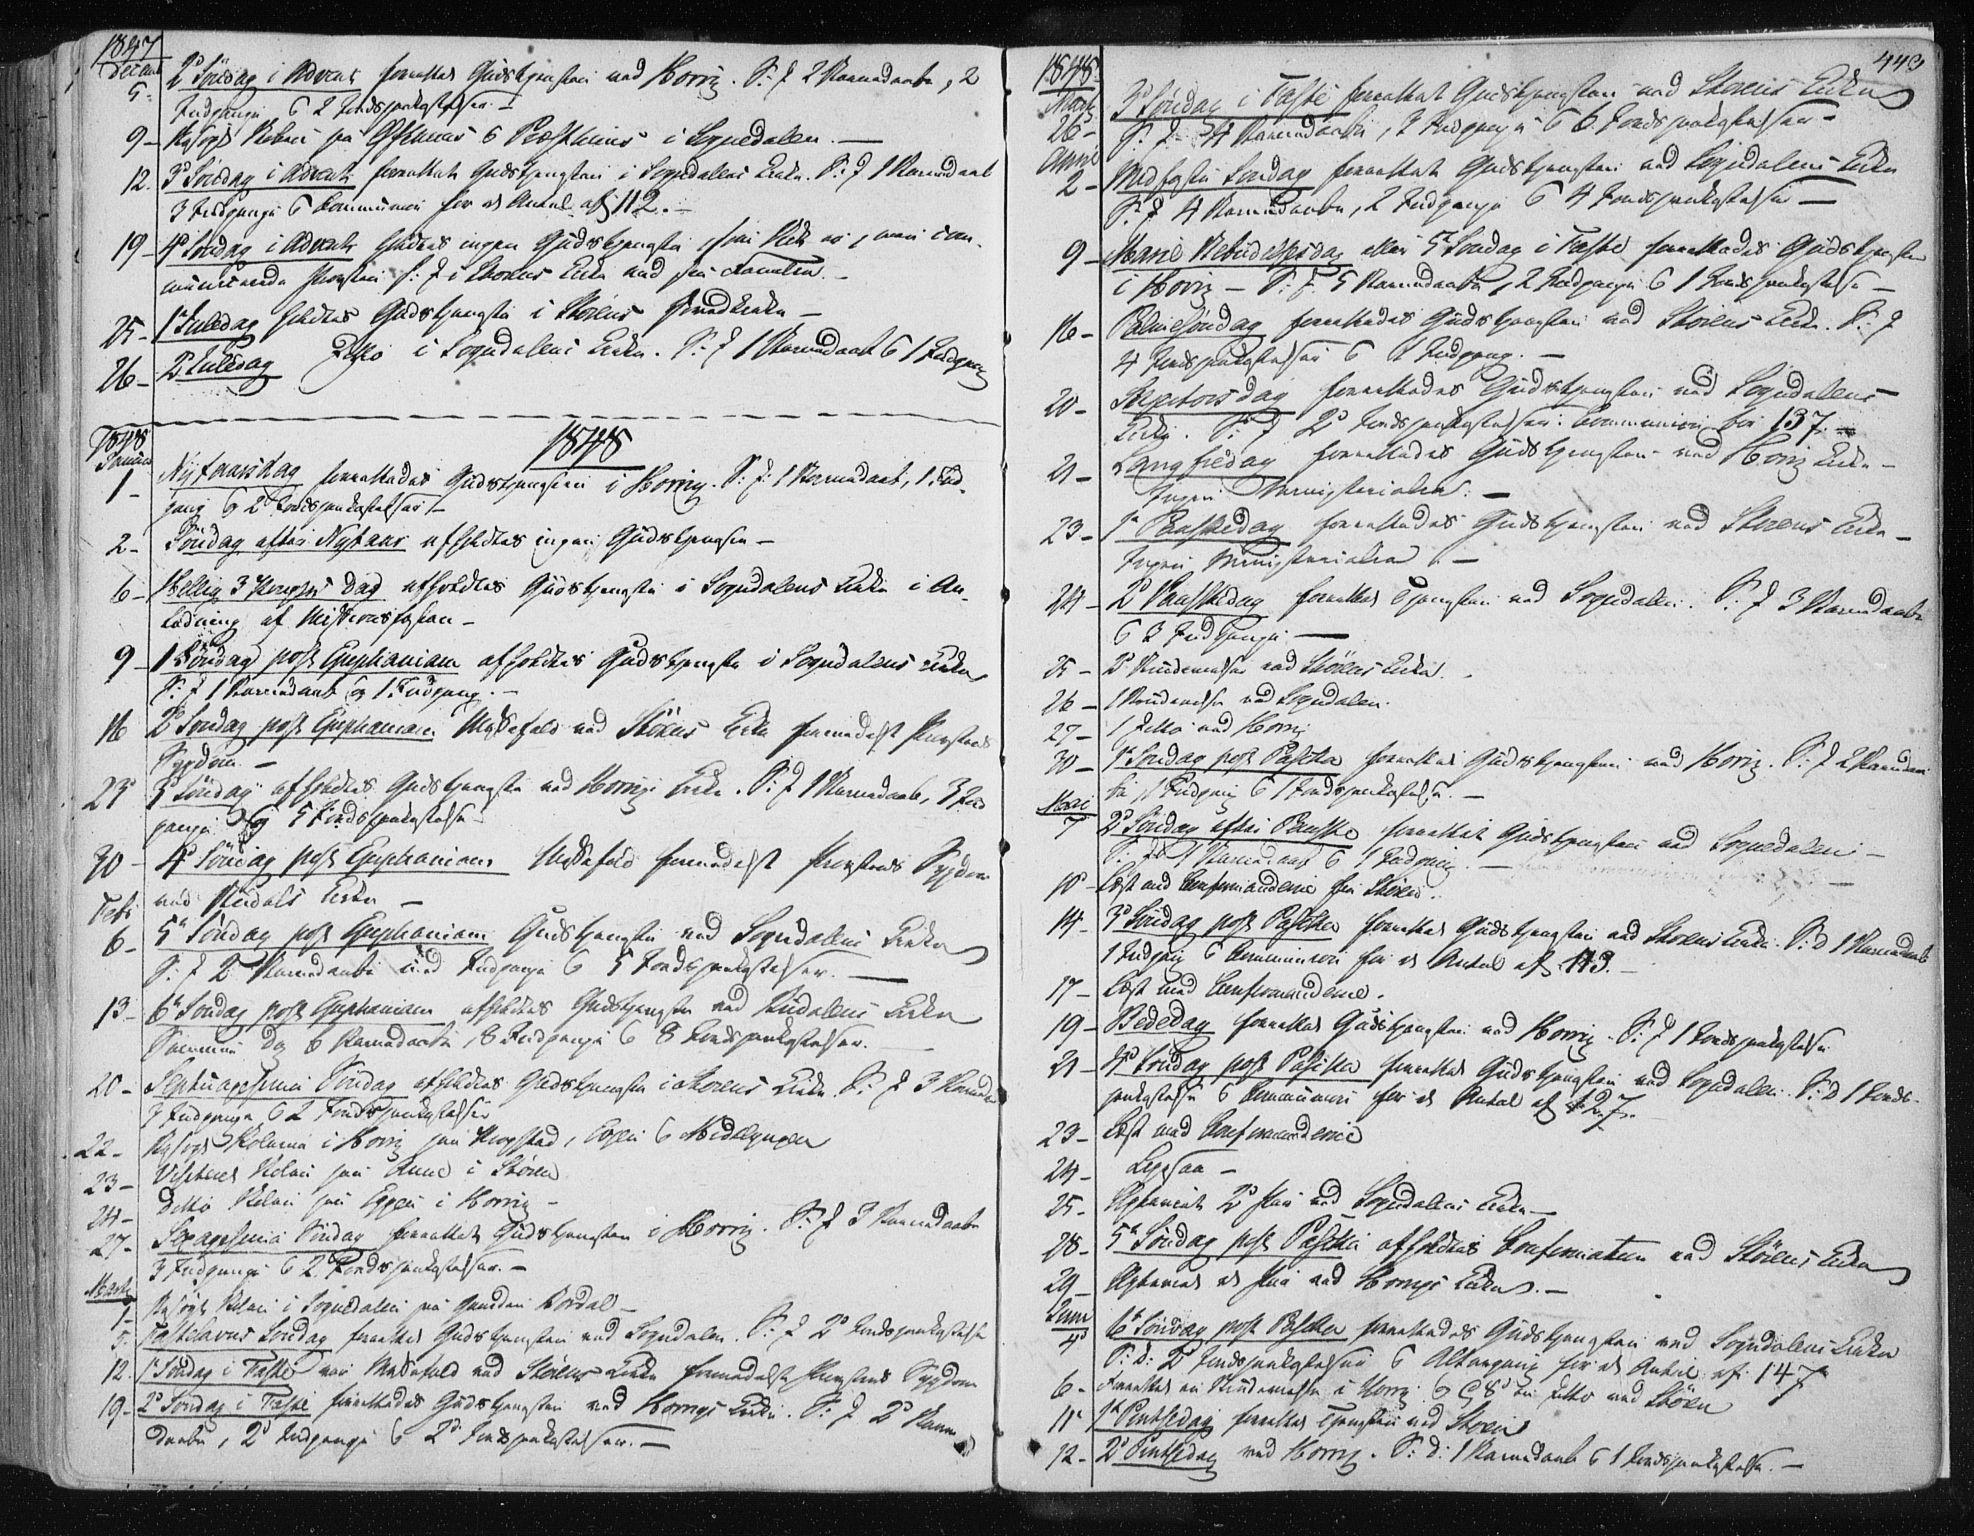 SAT, Ministerialprotokoller, klokkerbøker og fødselsregistre - Sør-Trøndelag, 687/L0997: Ministerialbok nr. 687A05 /1, 1843-1848, s. 443